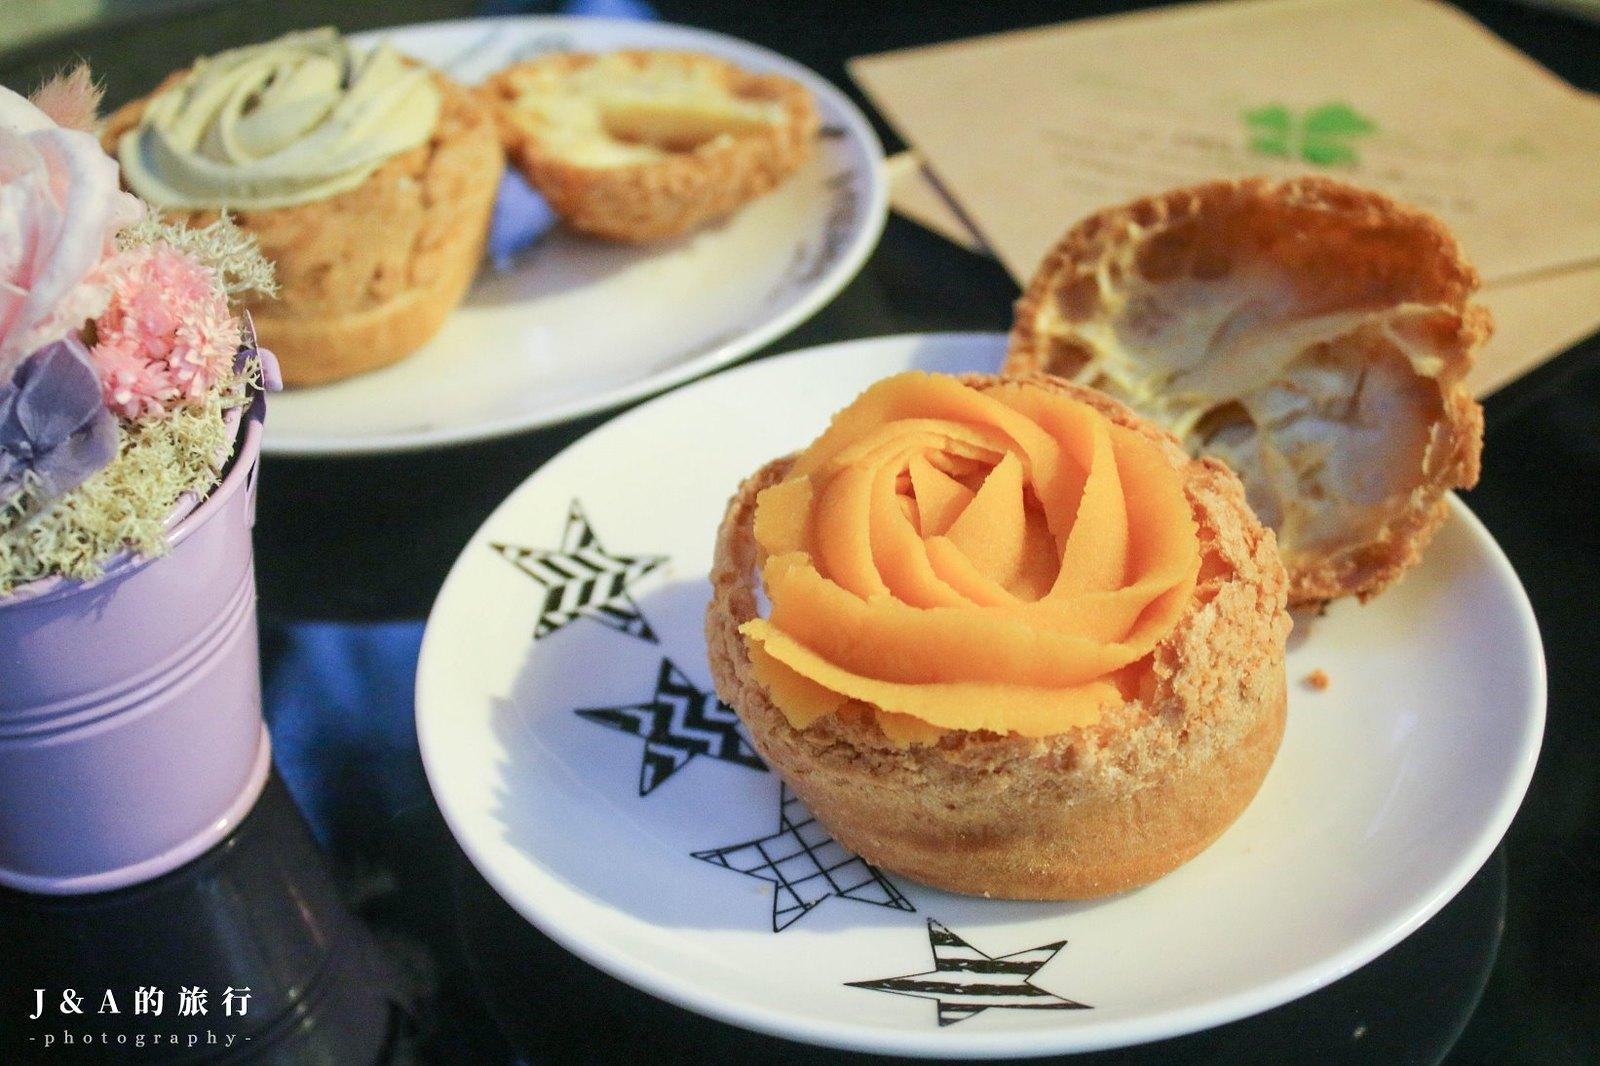 最新推播訊息:爆漿生乳餡菠蘿餅乾泡芙,上方有玫瑰花造型地瓜泥